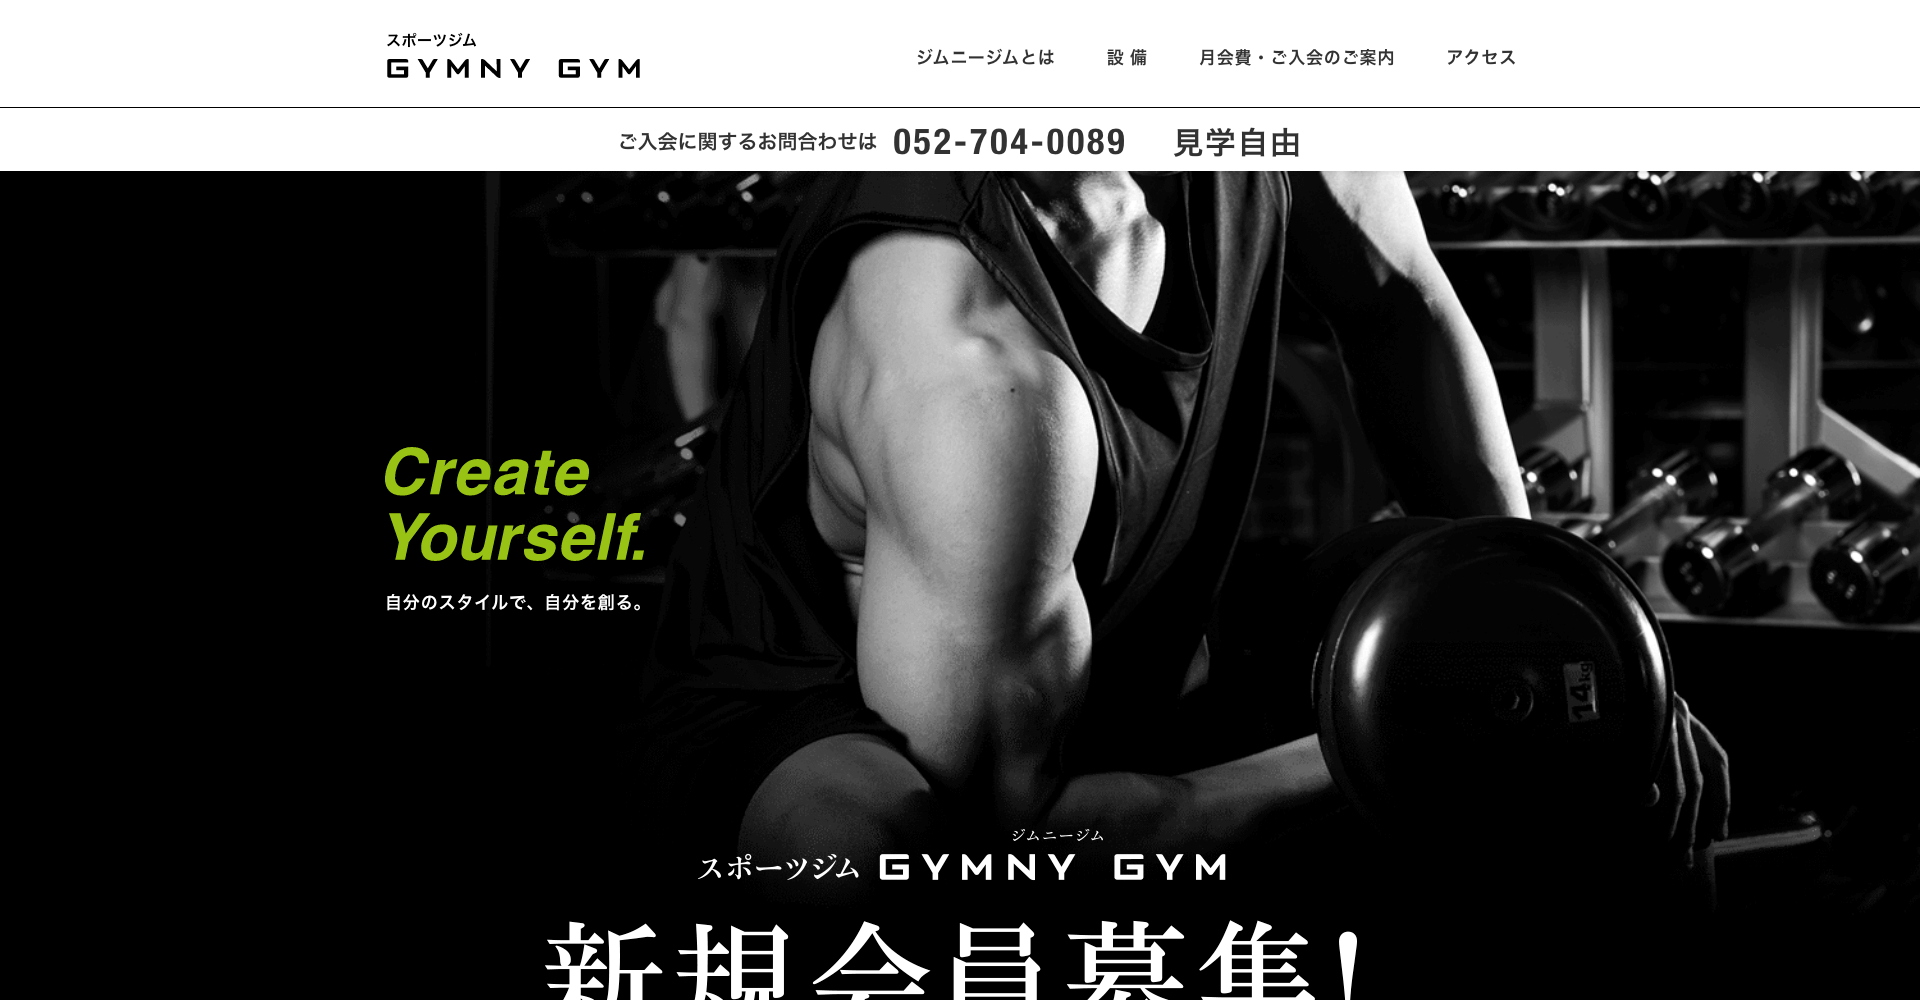 gymny gym ジムニージム